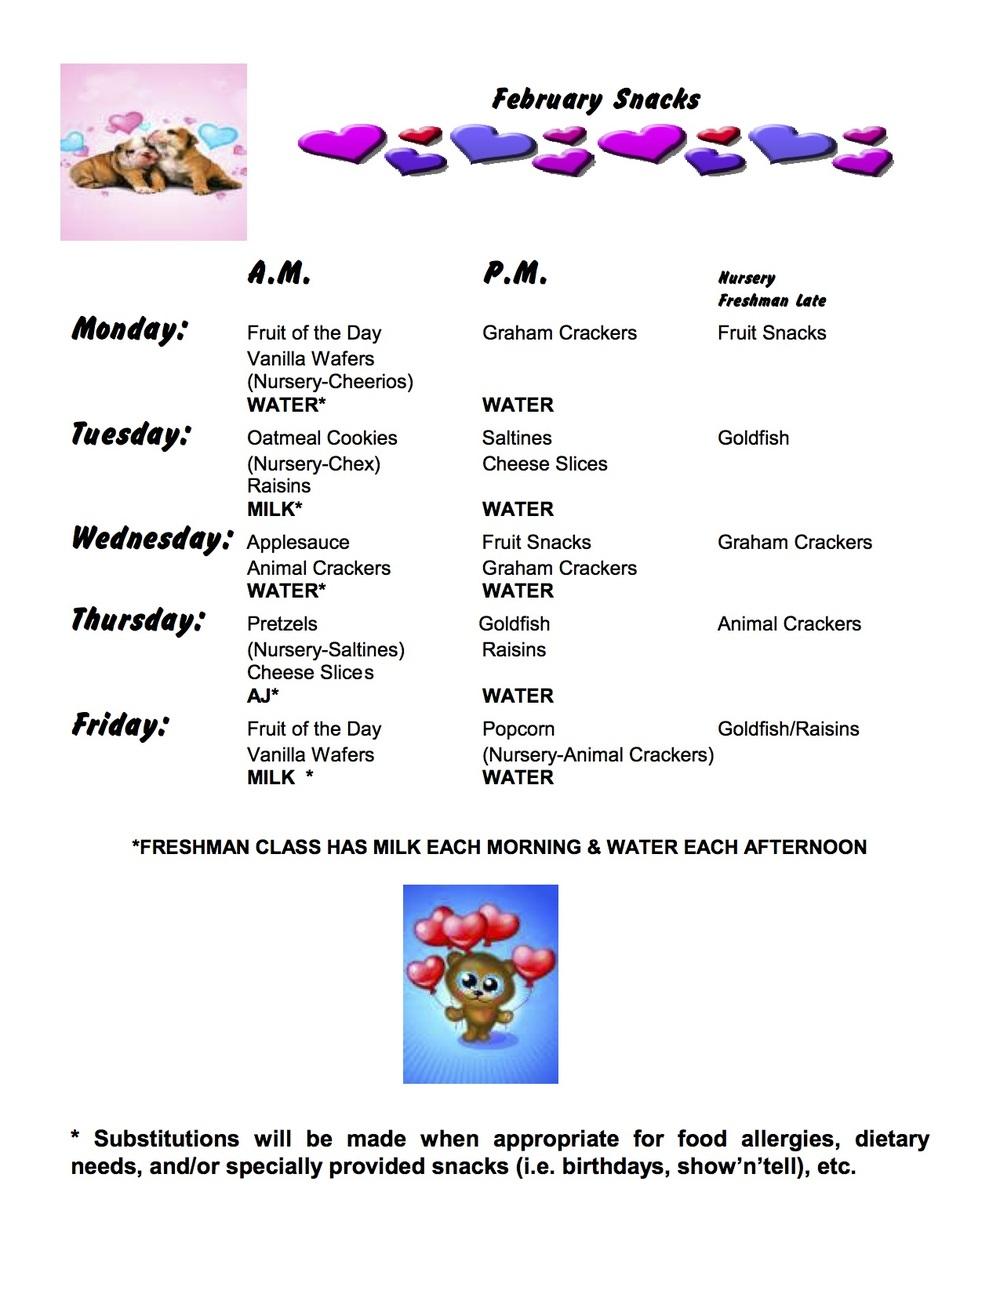 Snack Menu - February 2016